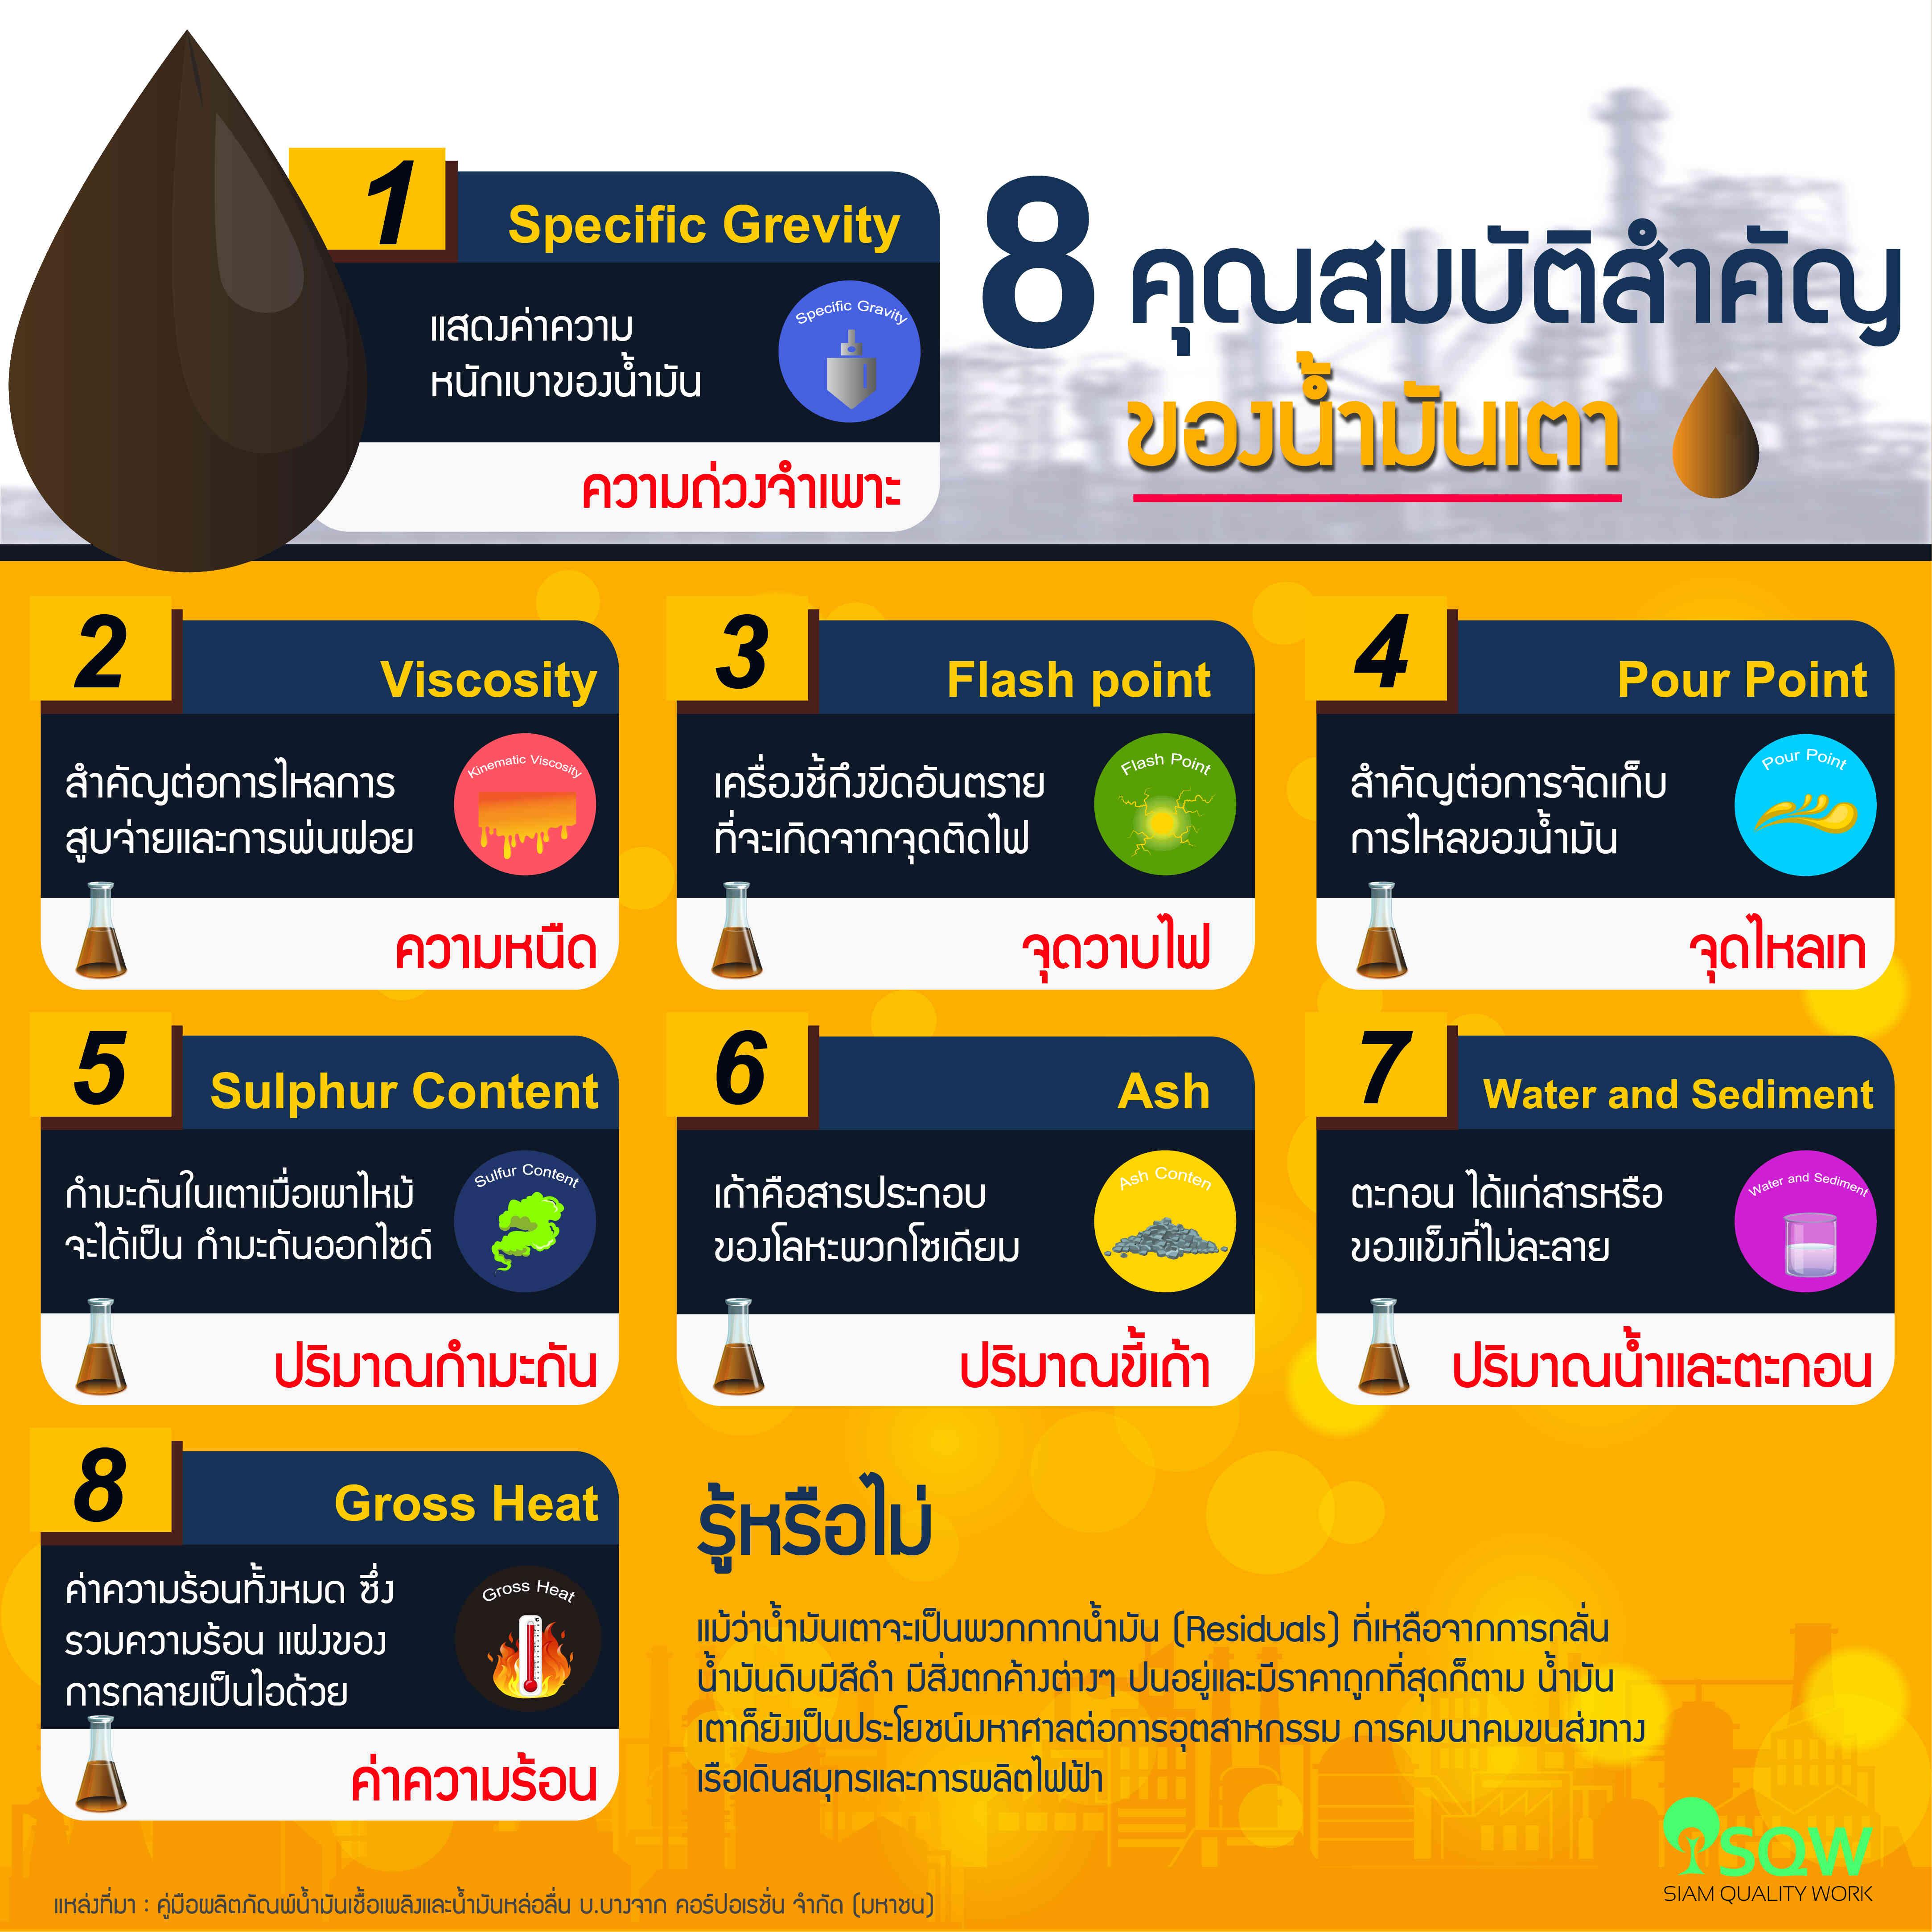 8คุณสมบัติที่สำคัญของน้ำมันเตา